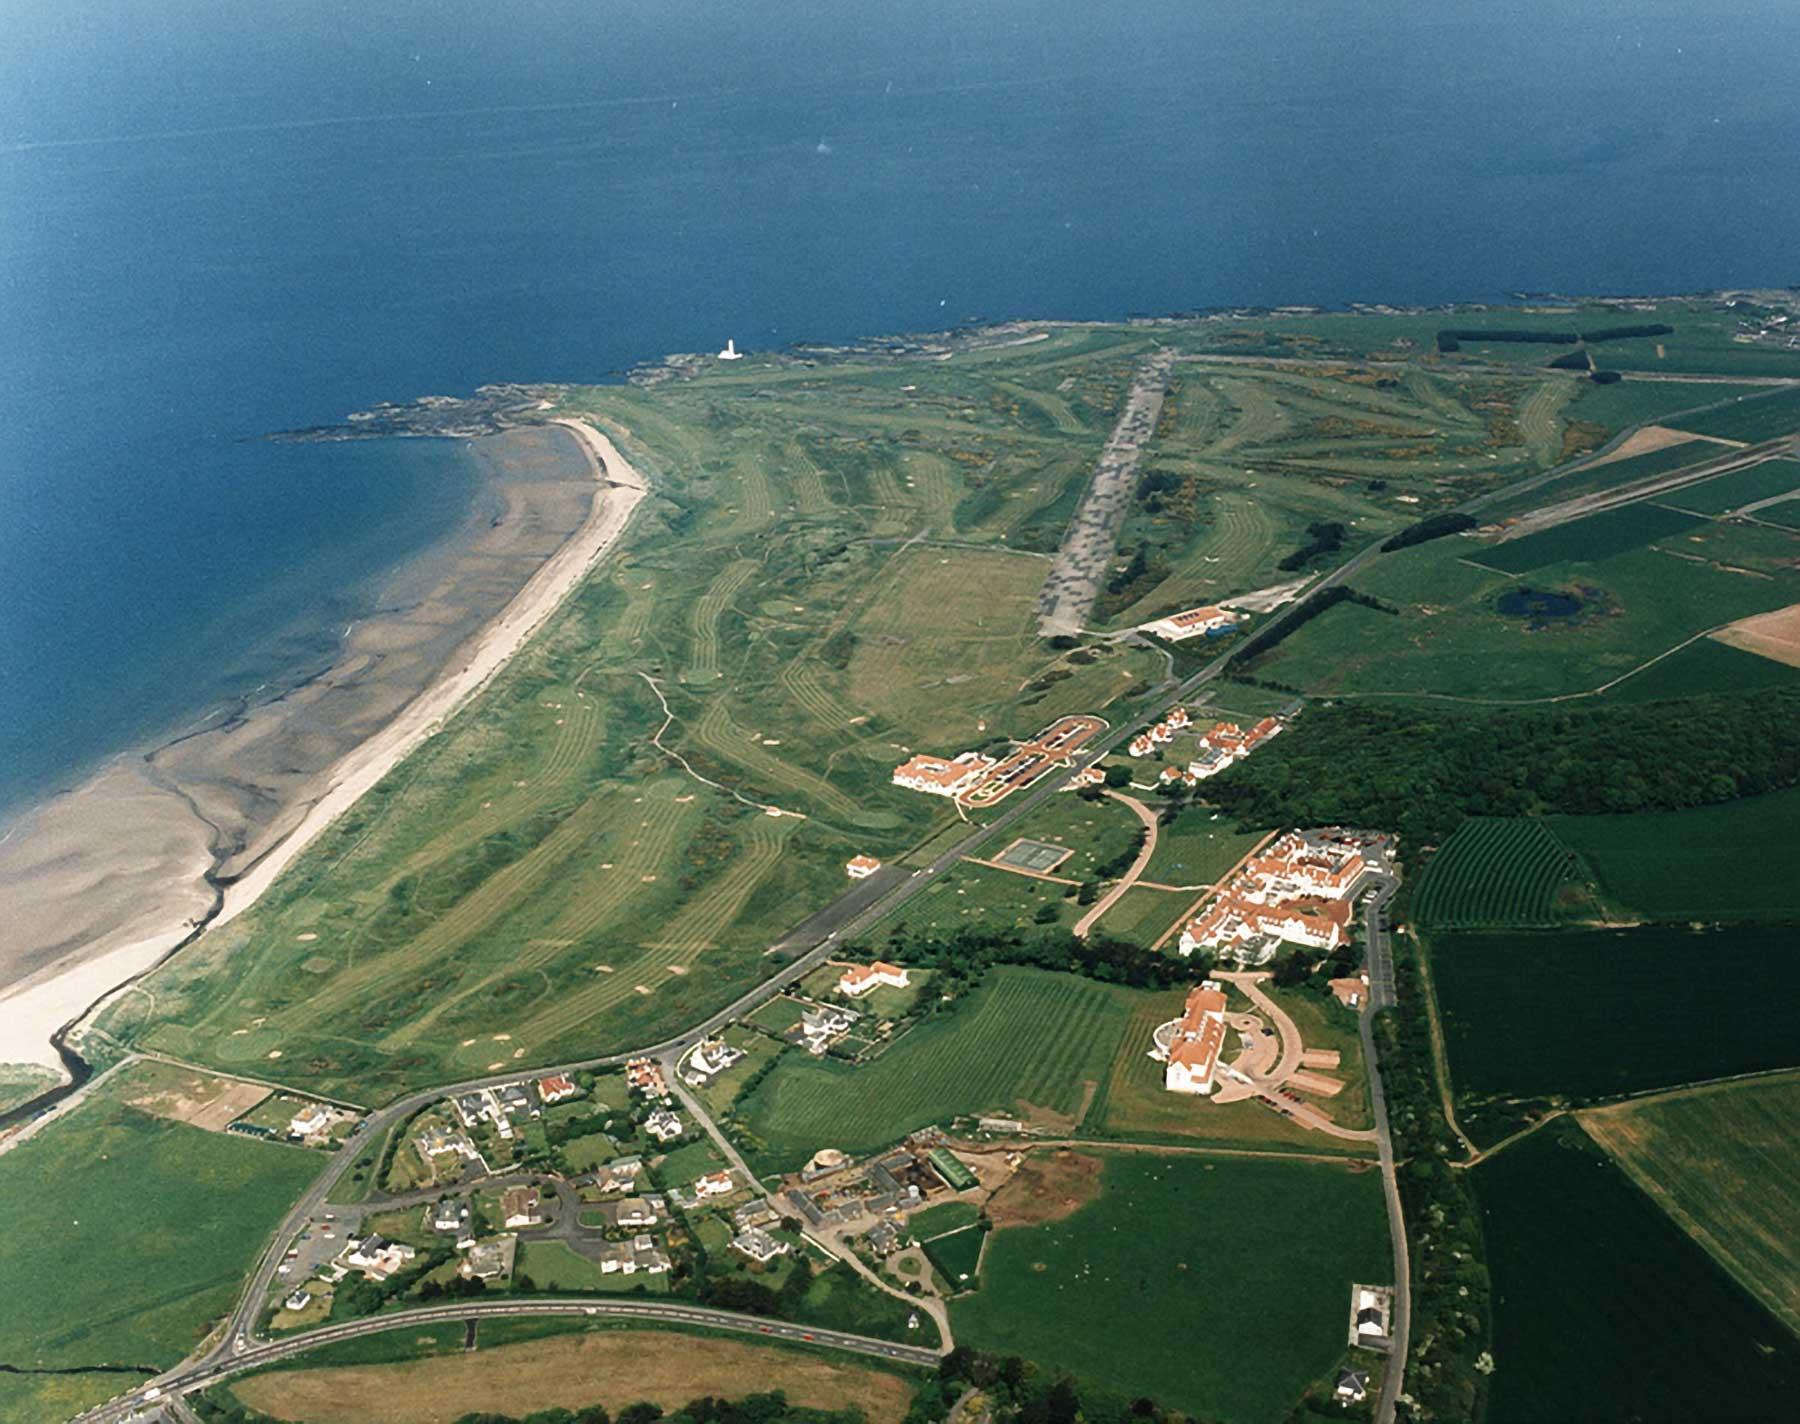 Golf & Race Courses, Motor Racing Circuits